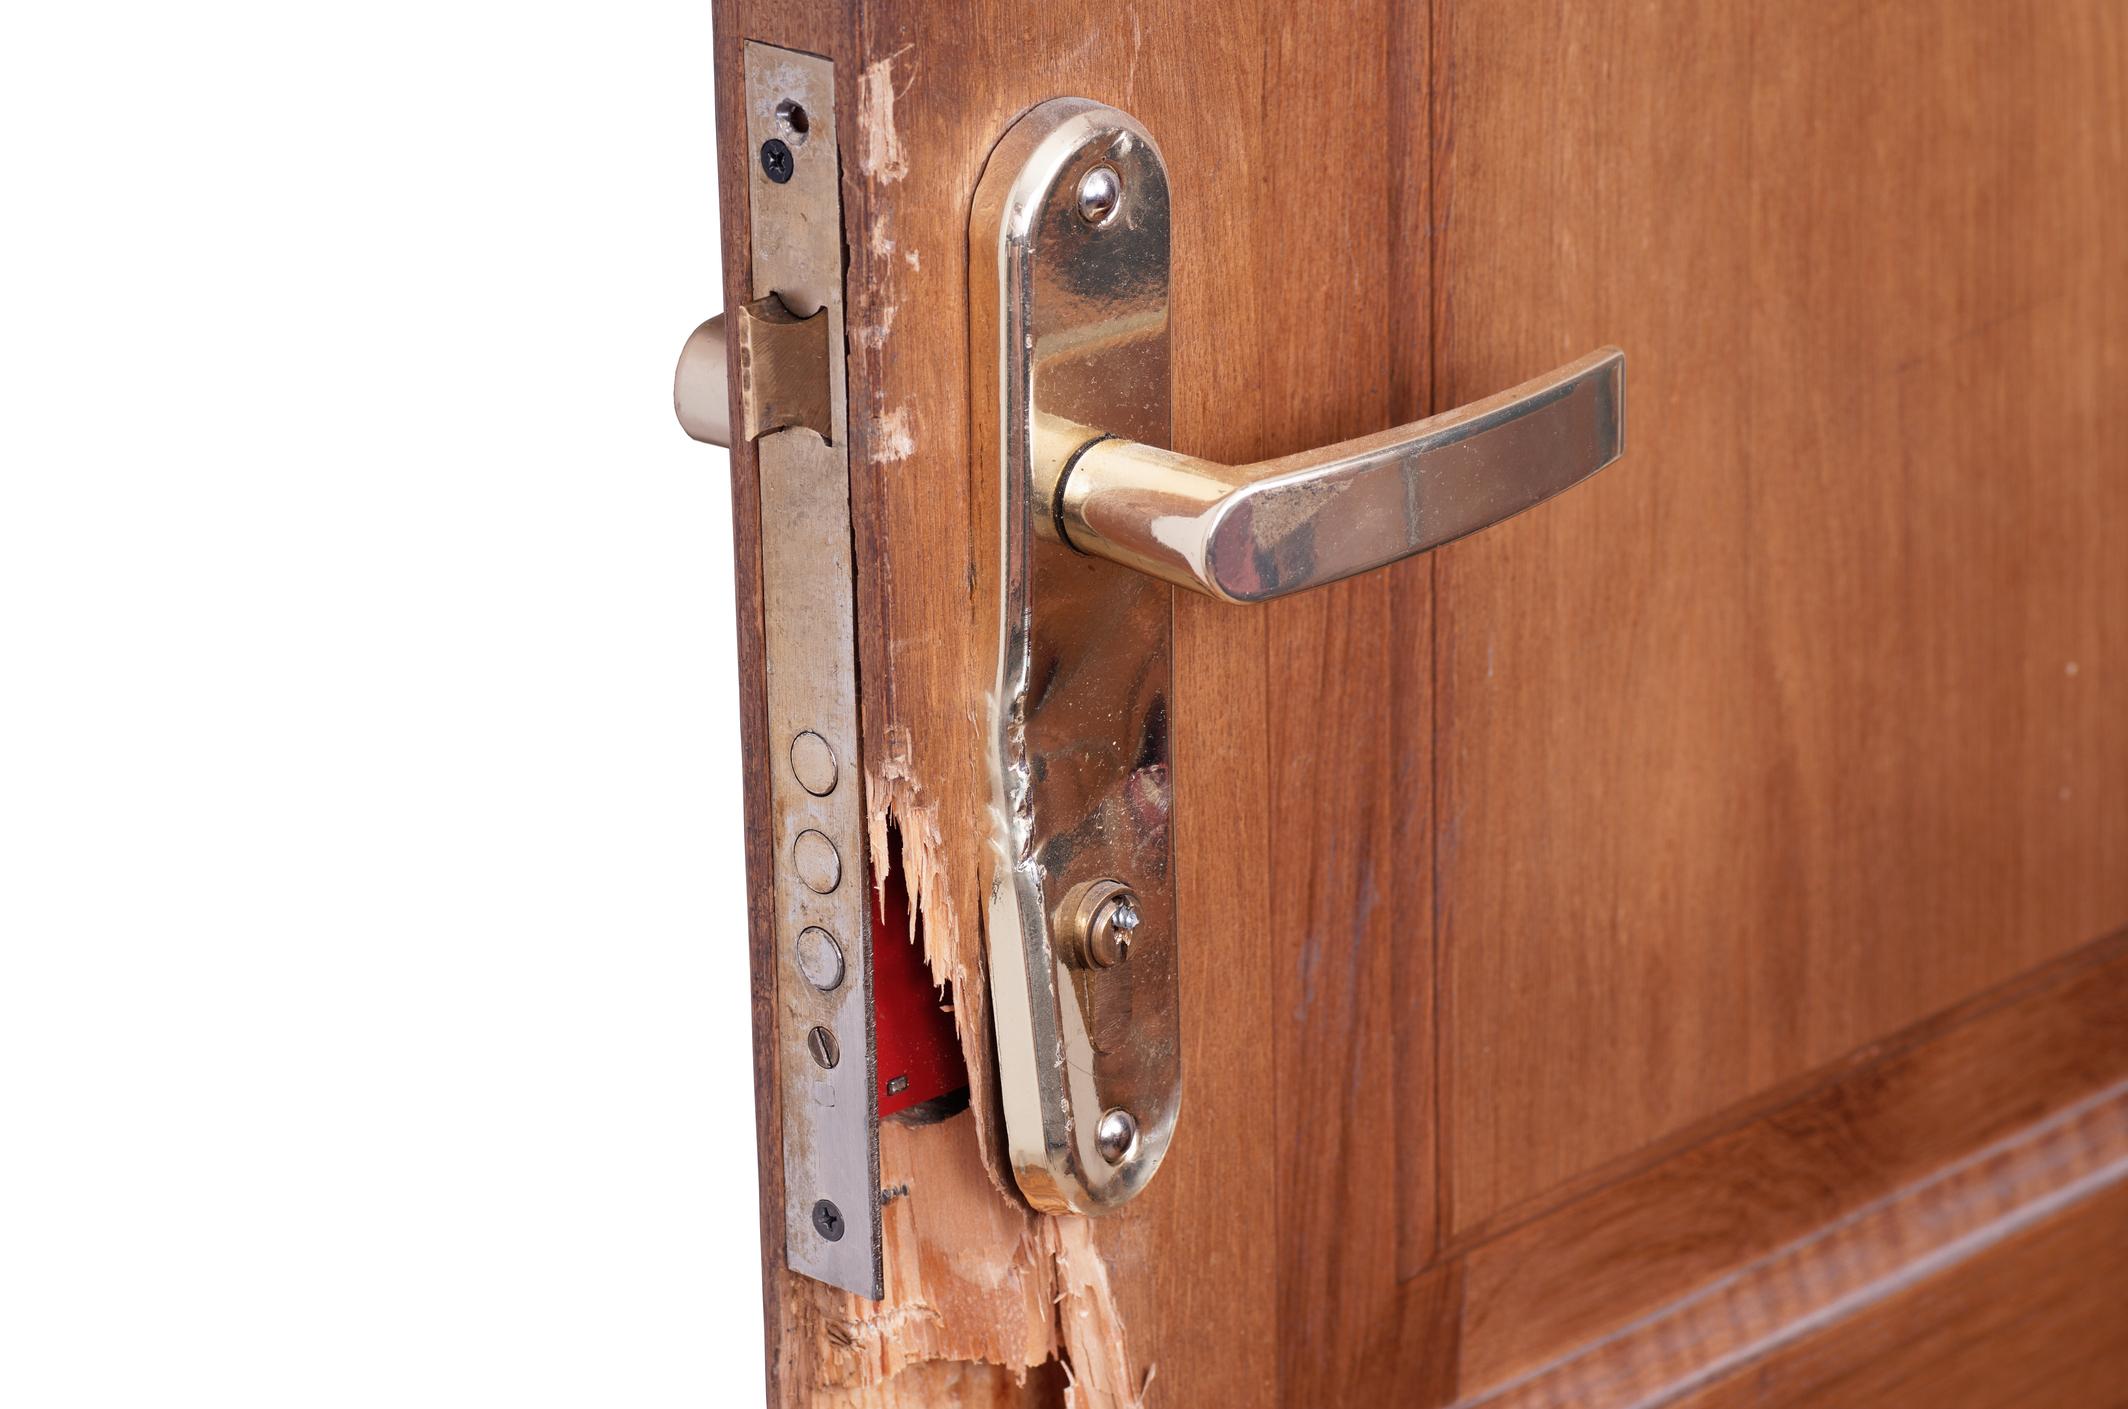 Door broken at lock